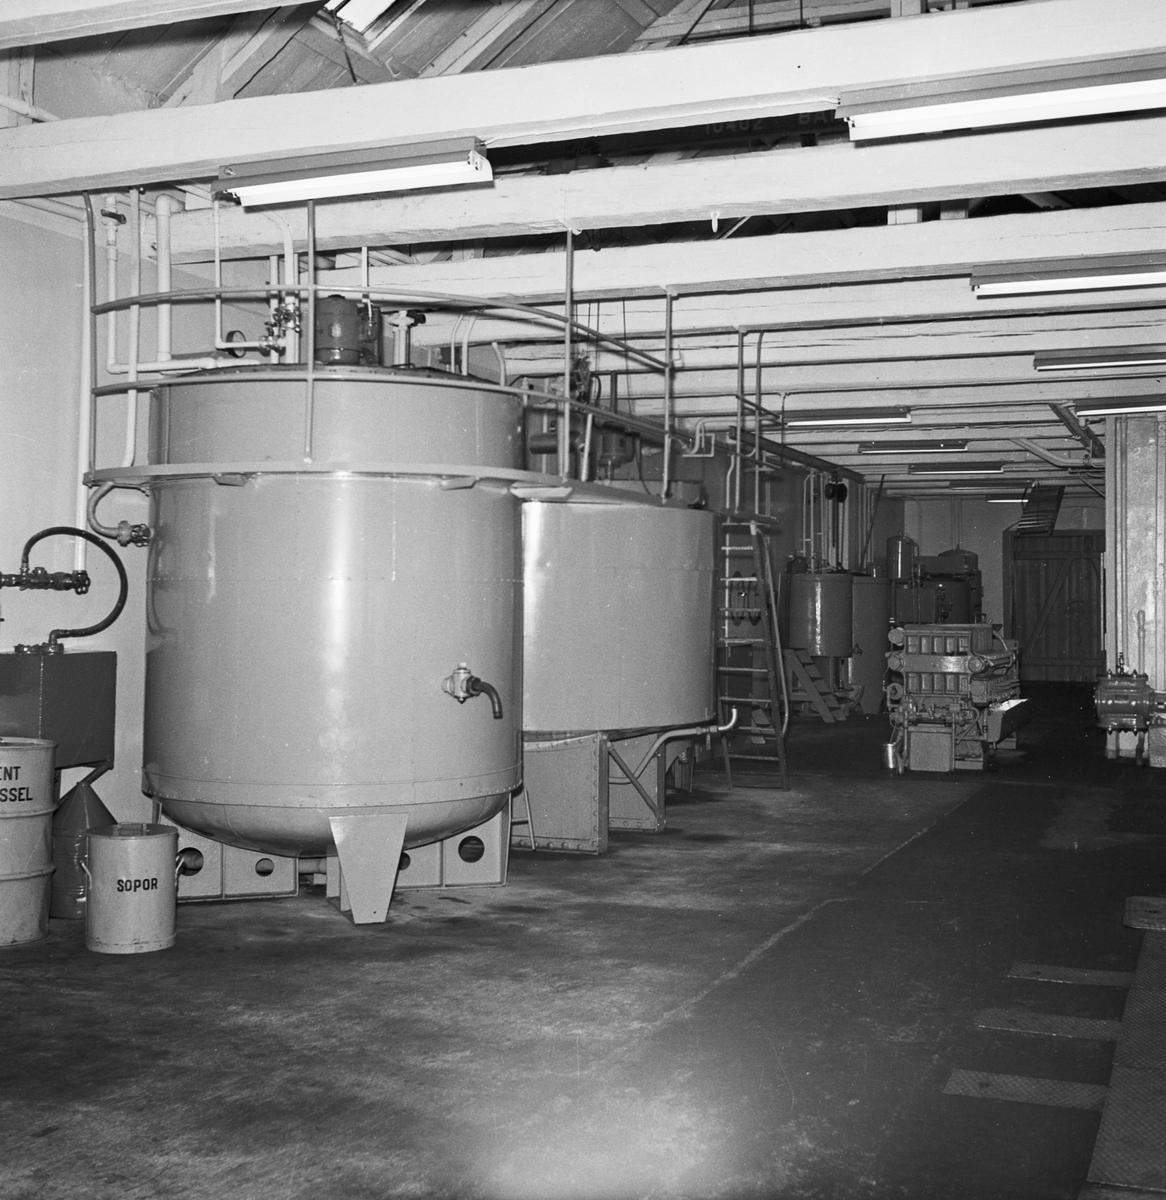 Övrigt: Foto datum: 12/1 1952 Byggnader och kranar Oljefabriken interiör